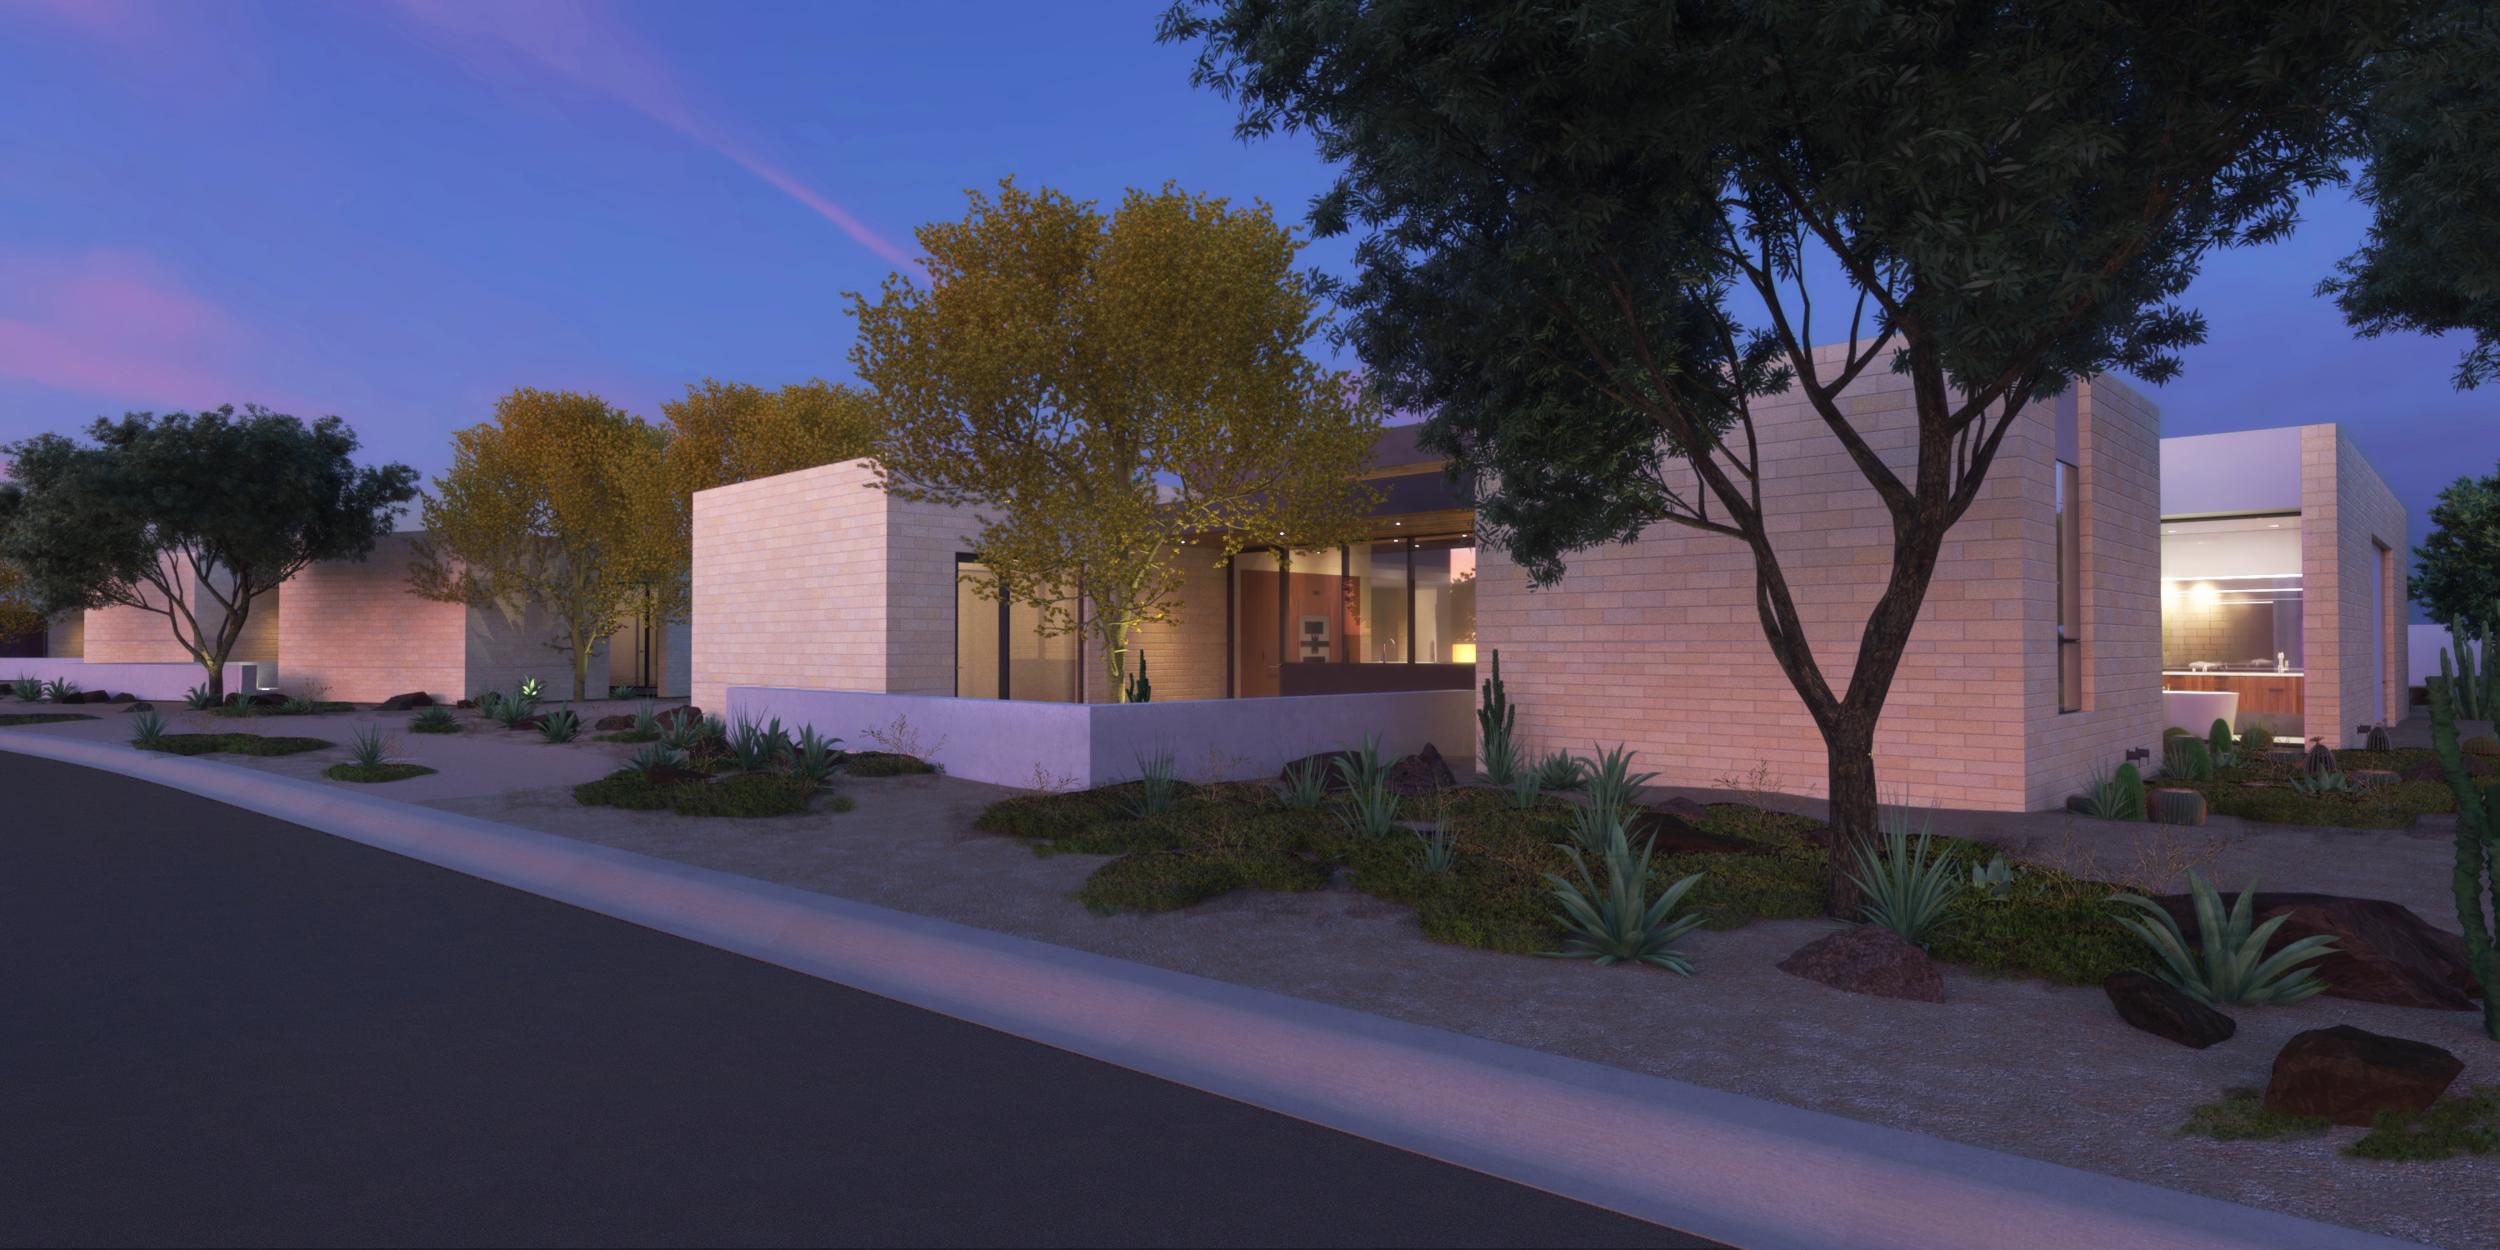 Palo Verde Lane Rendering 1